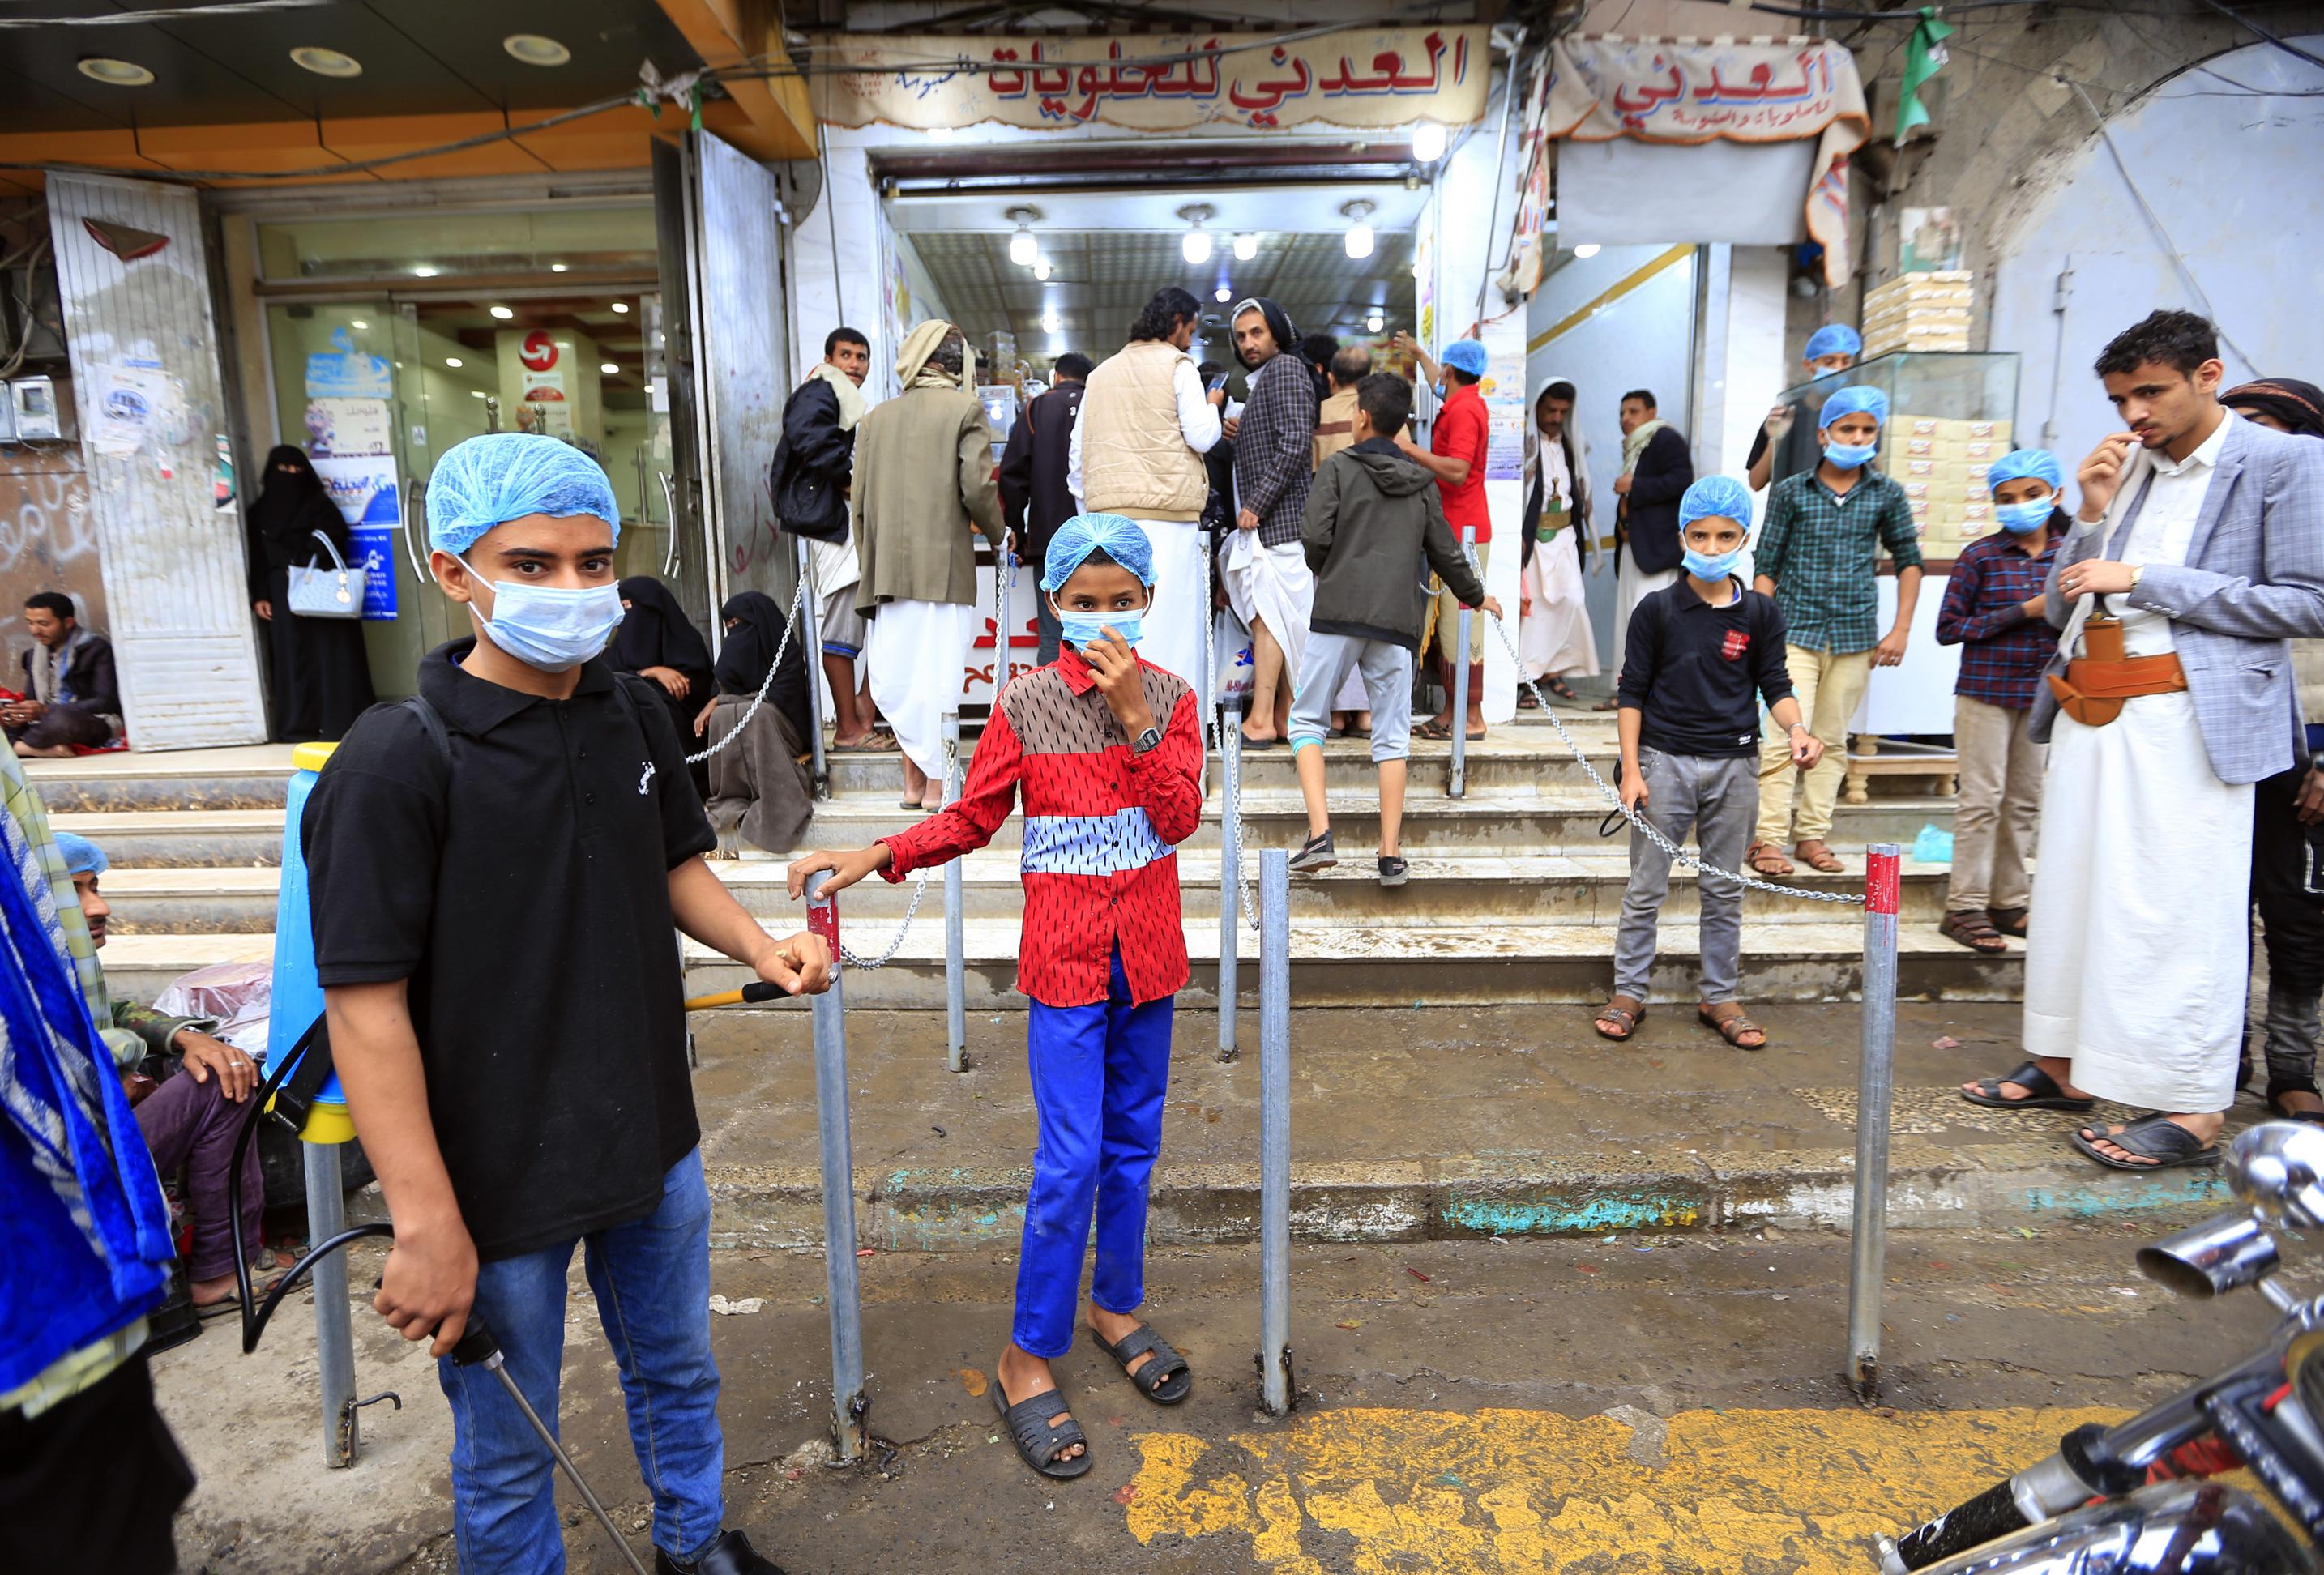 Tűz ütött ki egy jemeni menekülttáborban, legalább nyolcan meghaltak